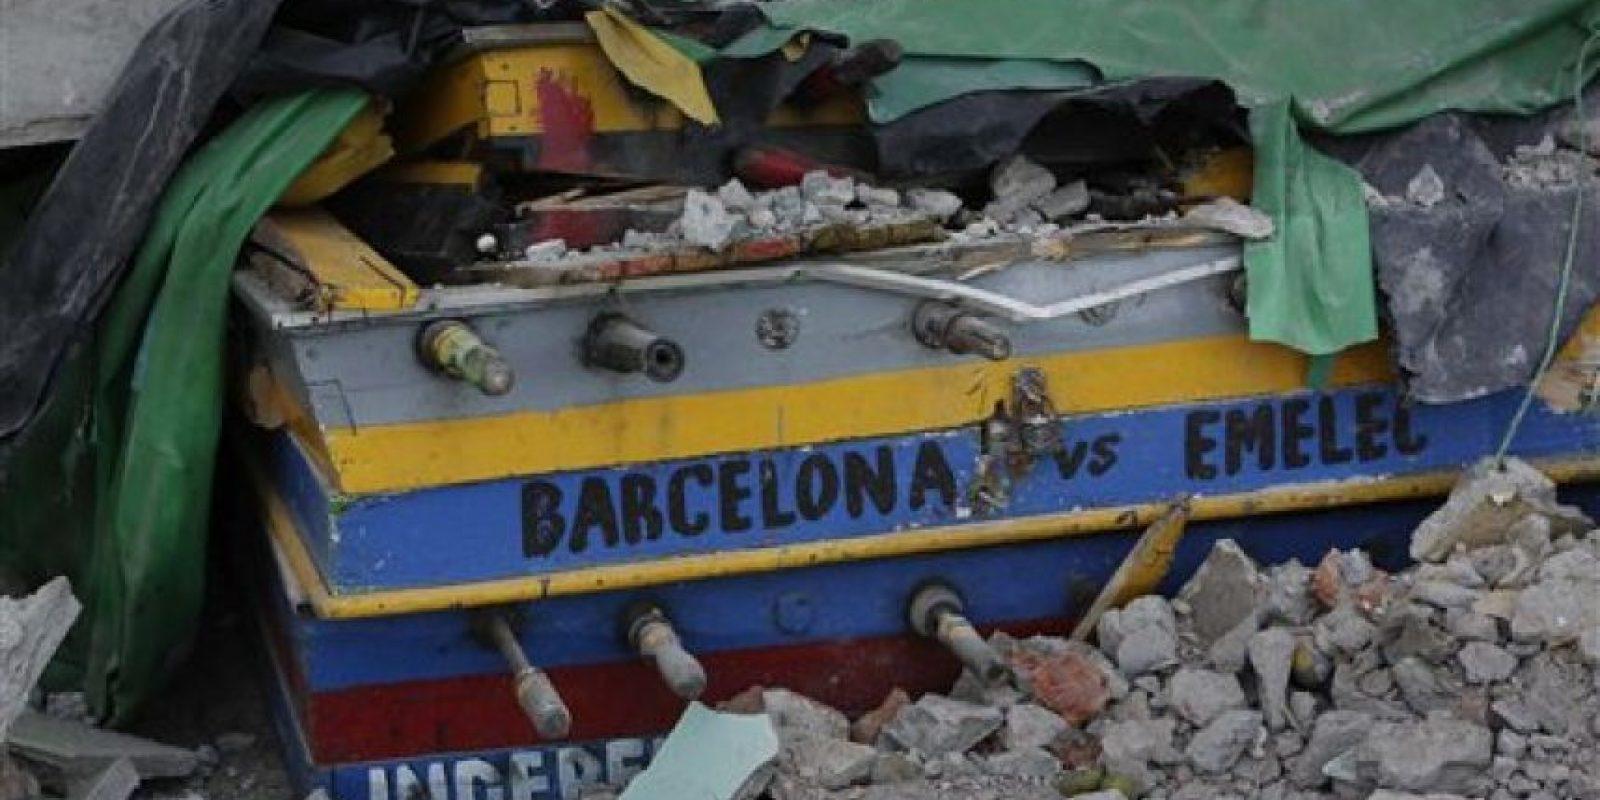 sta imagen, tomada el 20 de abril de 2016, muestra un futbolín medio sepultado entre los escombros con los nombres de dos populares equipos de futbol escritos en un costado, el Barcelona y el Emelec, en una vivienda destruida por un sismo de magnitud 7,8, en Pedernales, Ecuador. El presidente del país, Rafael Correa, dijo que el terremoto causó daños valorados en 3.000 millones de dólares y que las tareas de reconstrucción tomarán años. El gobierno elevó temporalmente los impuestos para financiar las tareas. Foto:AP